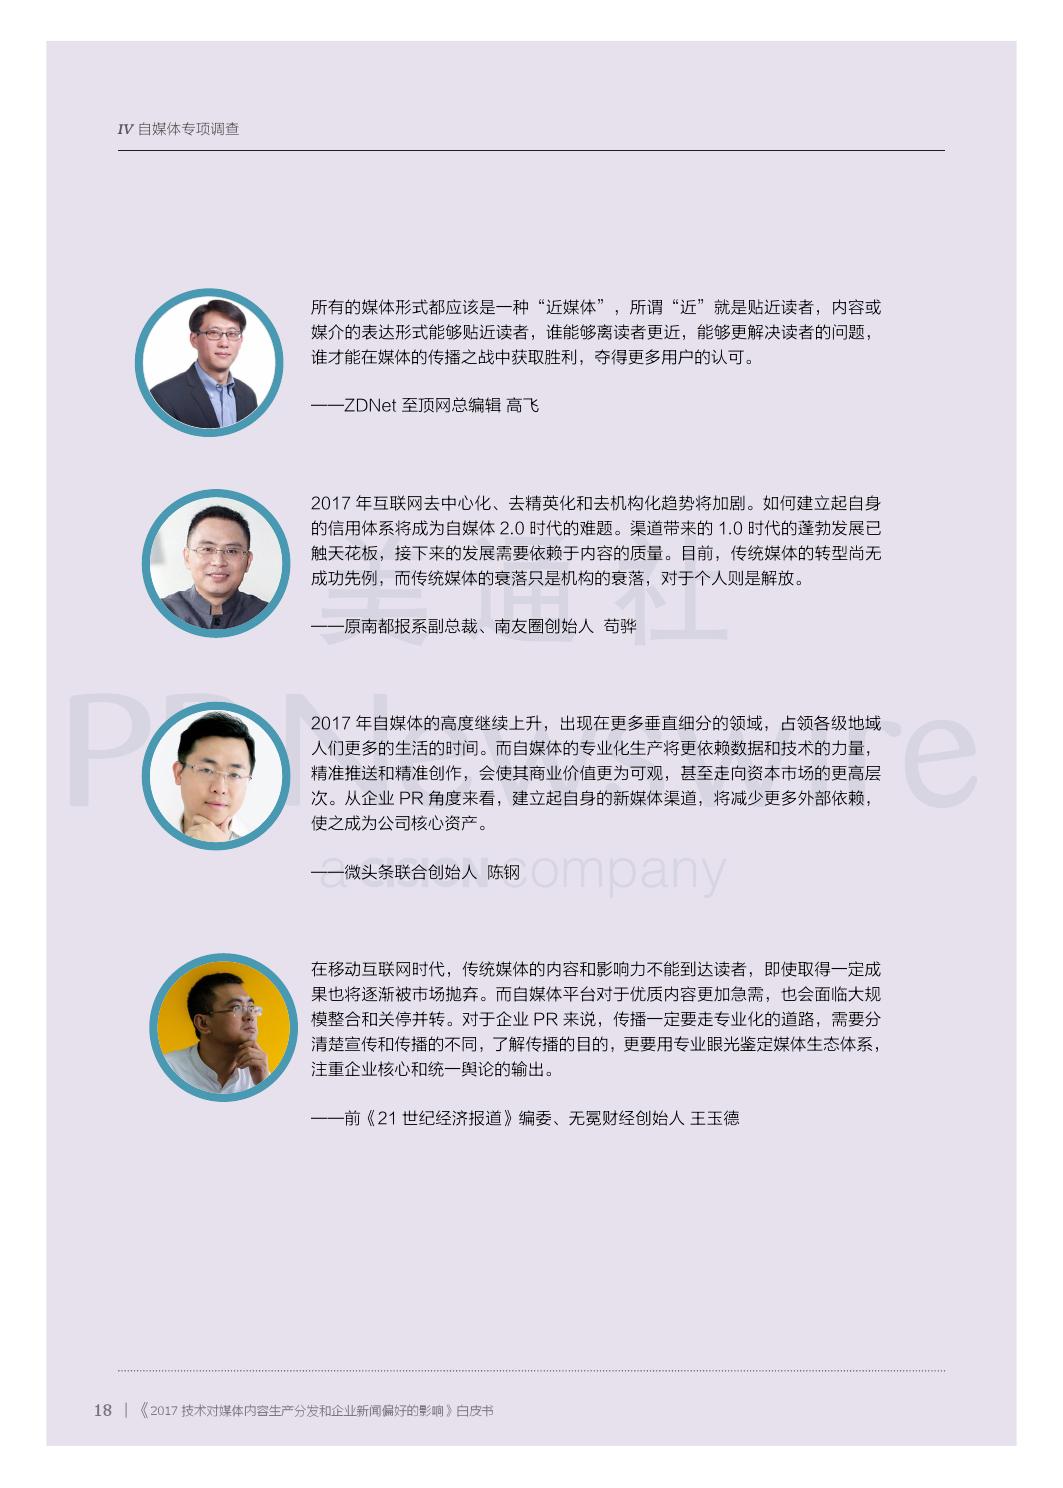 2017中国媒体内容生产者职业发展状态与工作习惯调查报告-09大数据